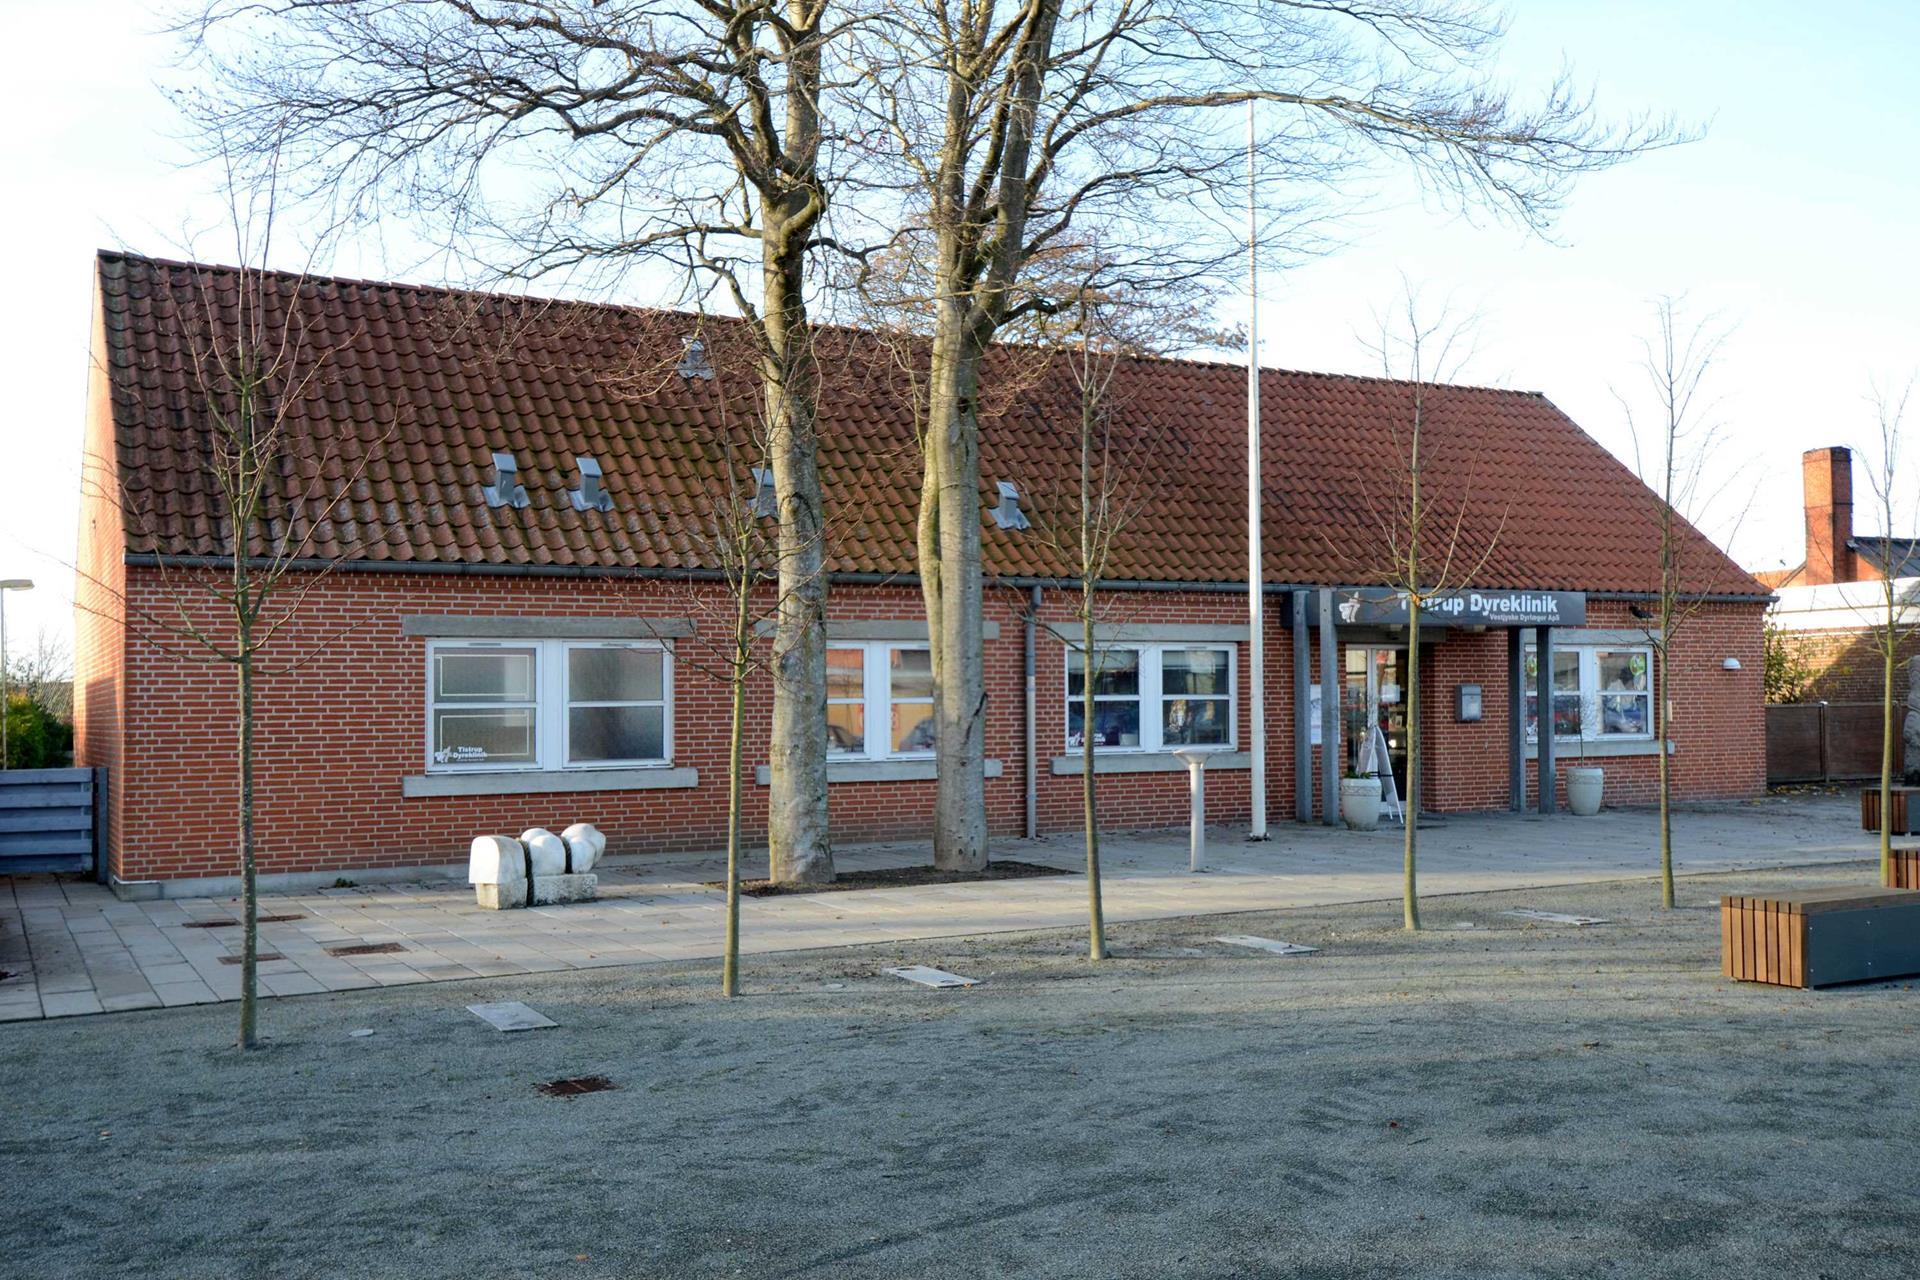 Bolig/erhverv på Torvet i Tistrup - Facade